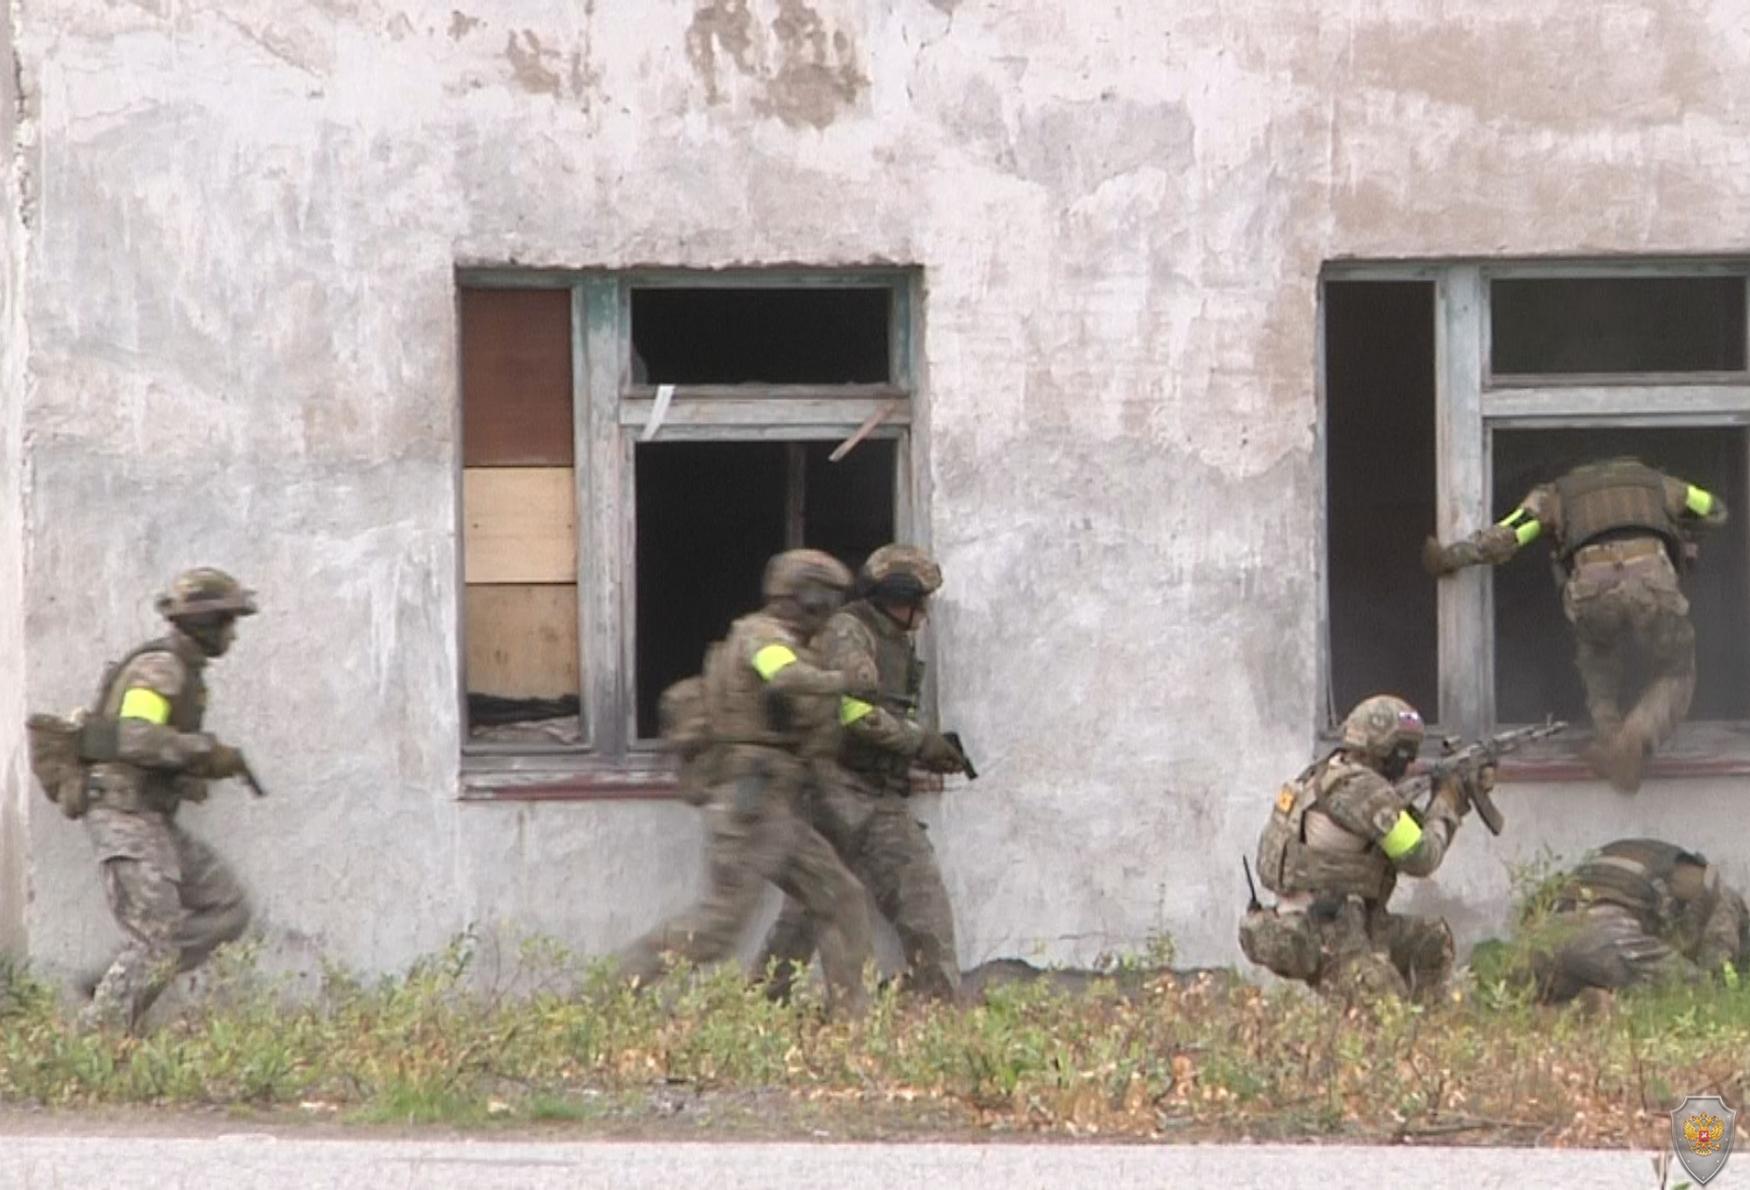 Оперативным штабом в Мурманской области проведено тактико-специальное учение «Арсенал-2018»